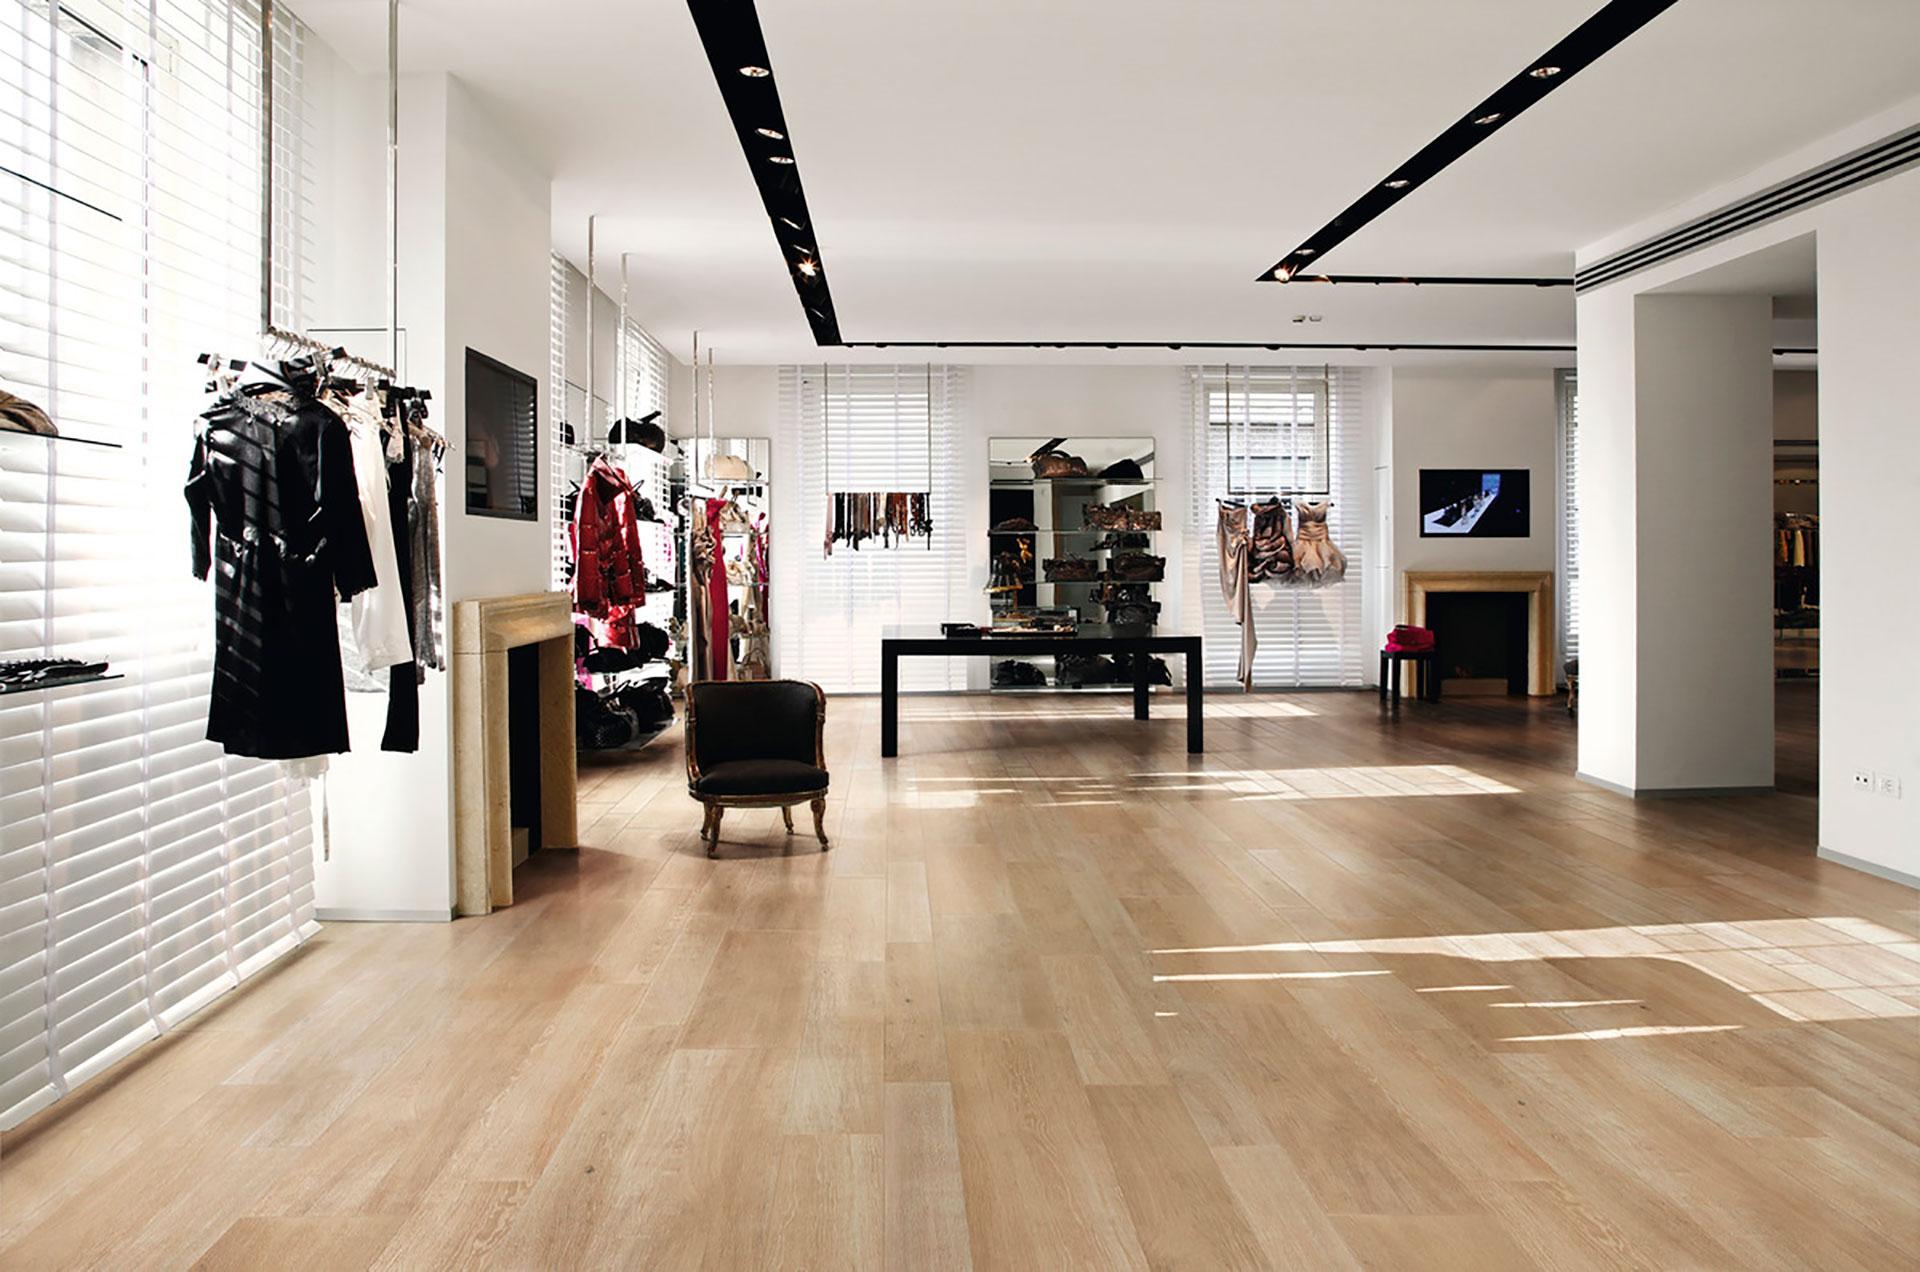 Ariostea Legni High-Tech: tradition becomes contemporary design